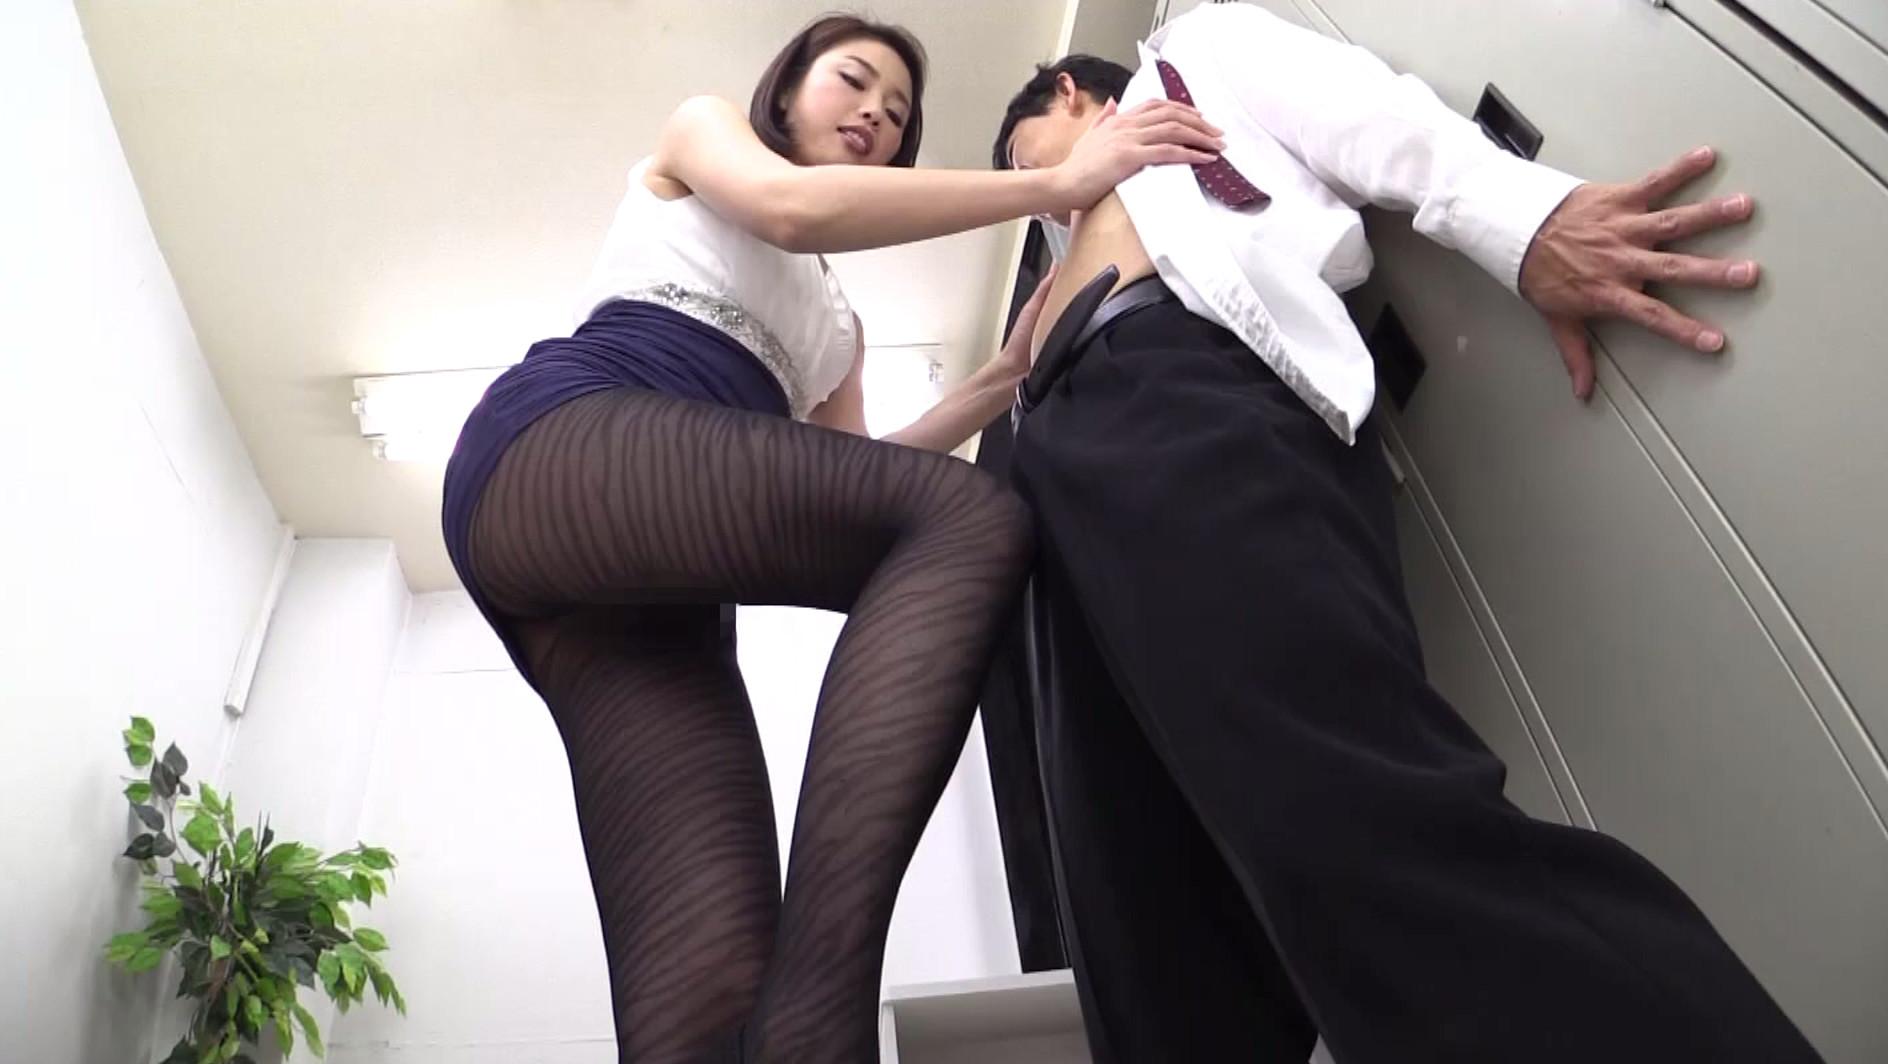 長身モデルBODY痴女ヴィーナス VOL.7 かすみりさ 画像13